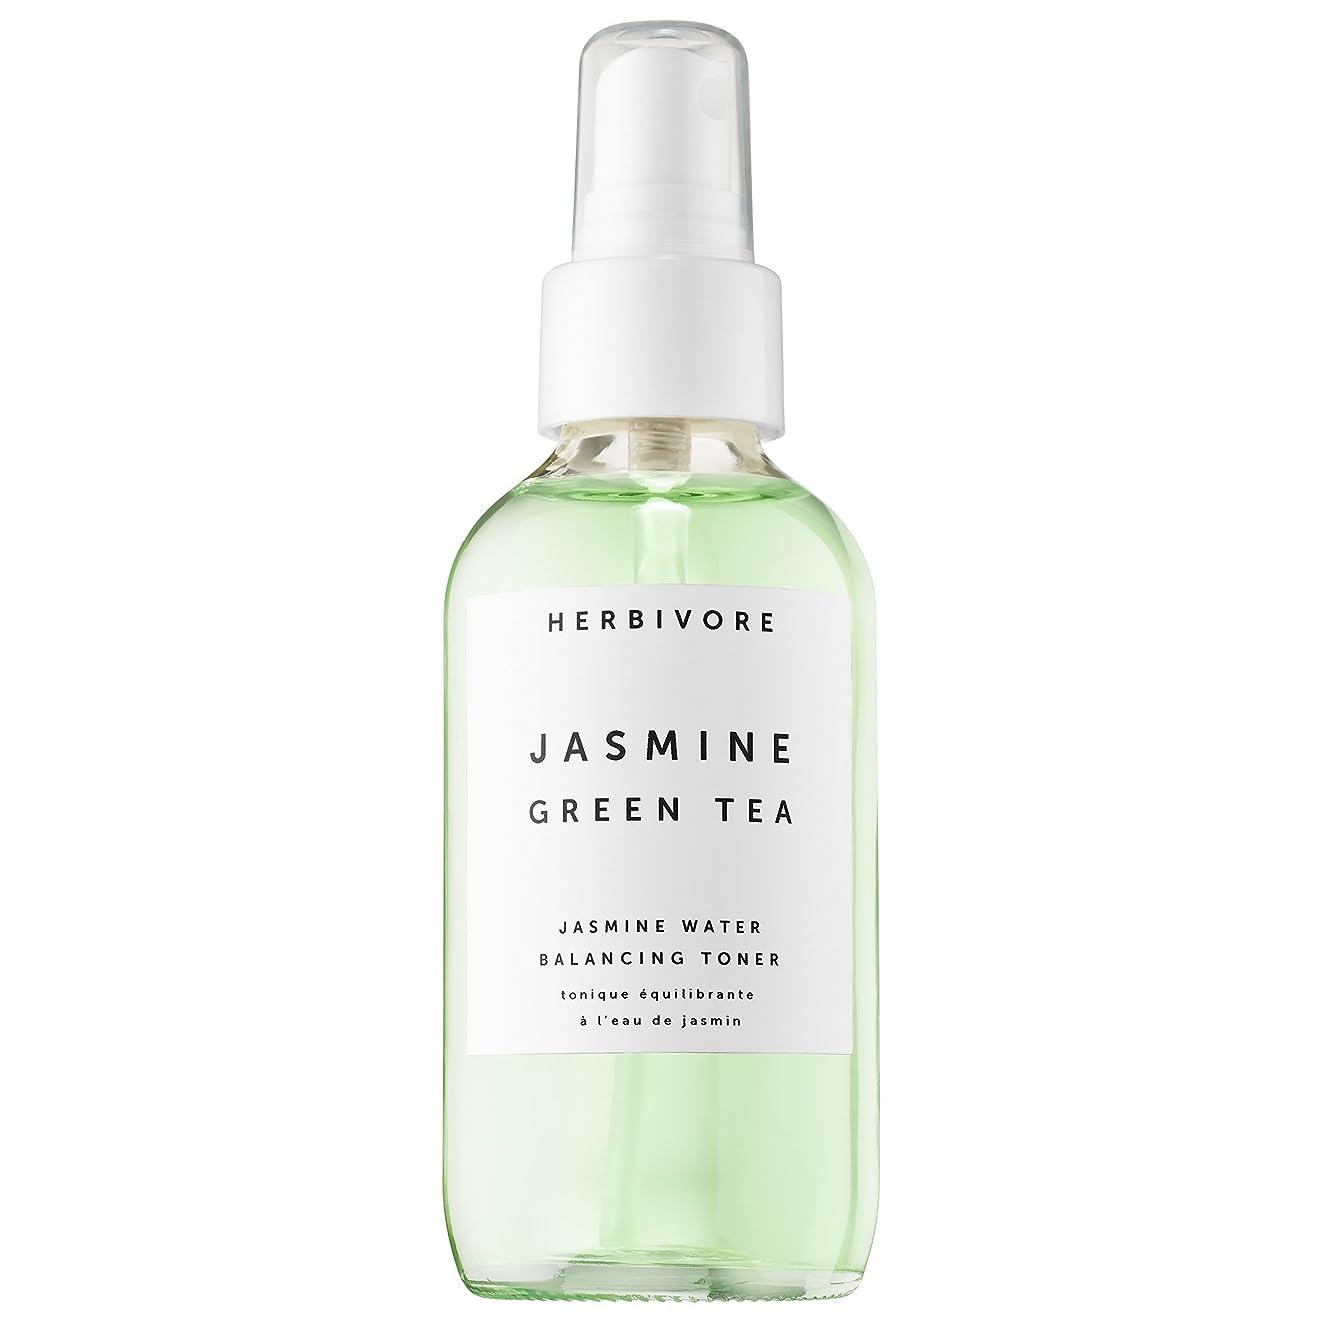 優先新着にはまってHerbivore Jasmine Green Tea Balancing Toner(120ml) ハービヴォアージャスミン グリーンティー バランシング トーナー